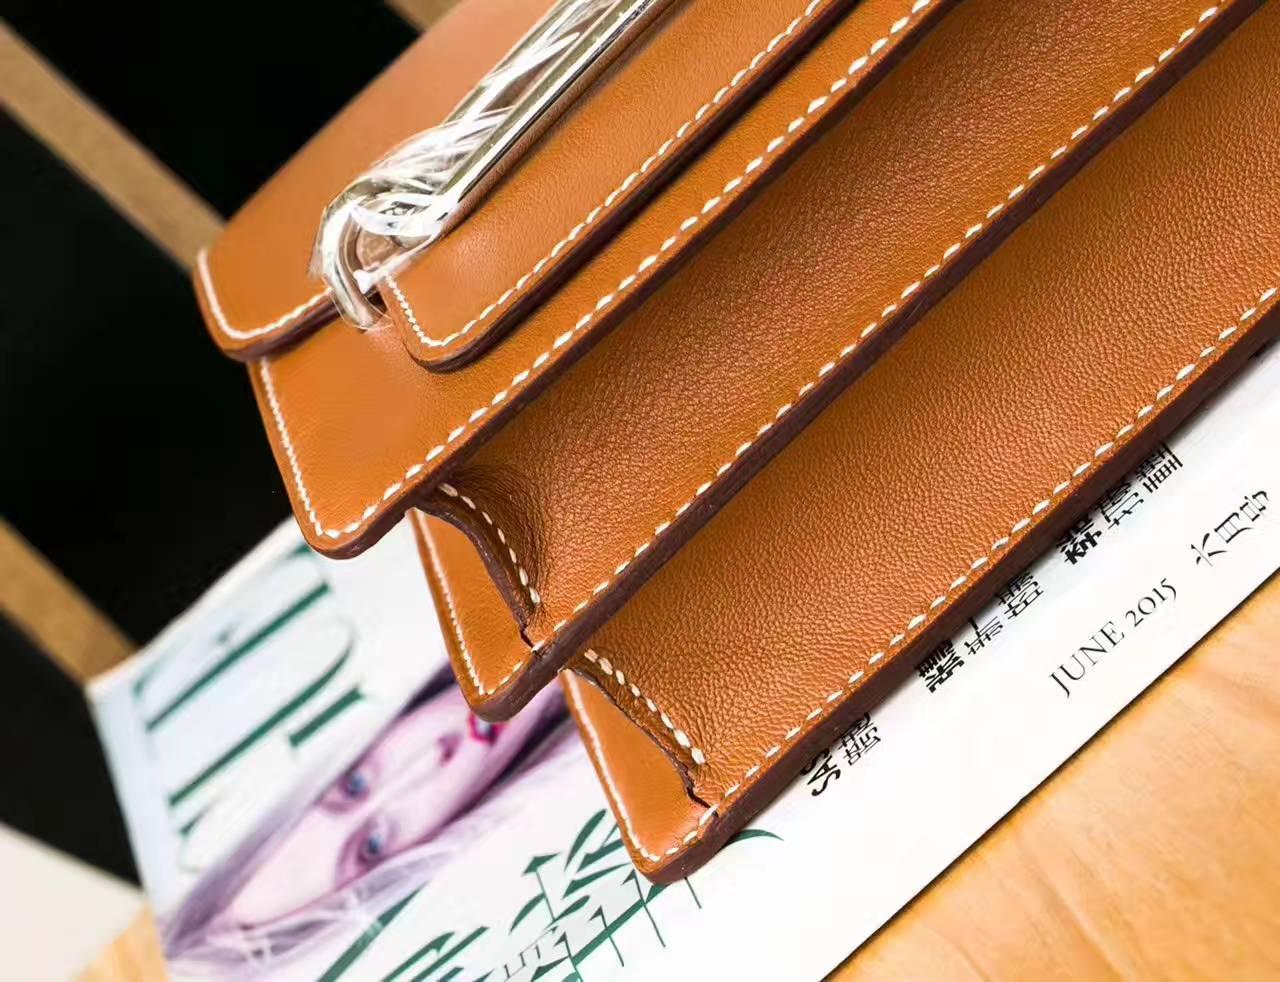 厂家直销 Hermes爱马仕CK37金色原厂Swift牛皮Roulis单肩斜挎女包19cm